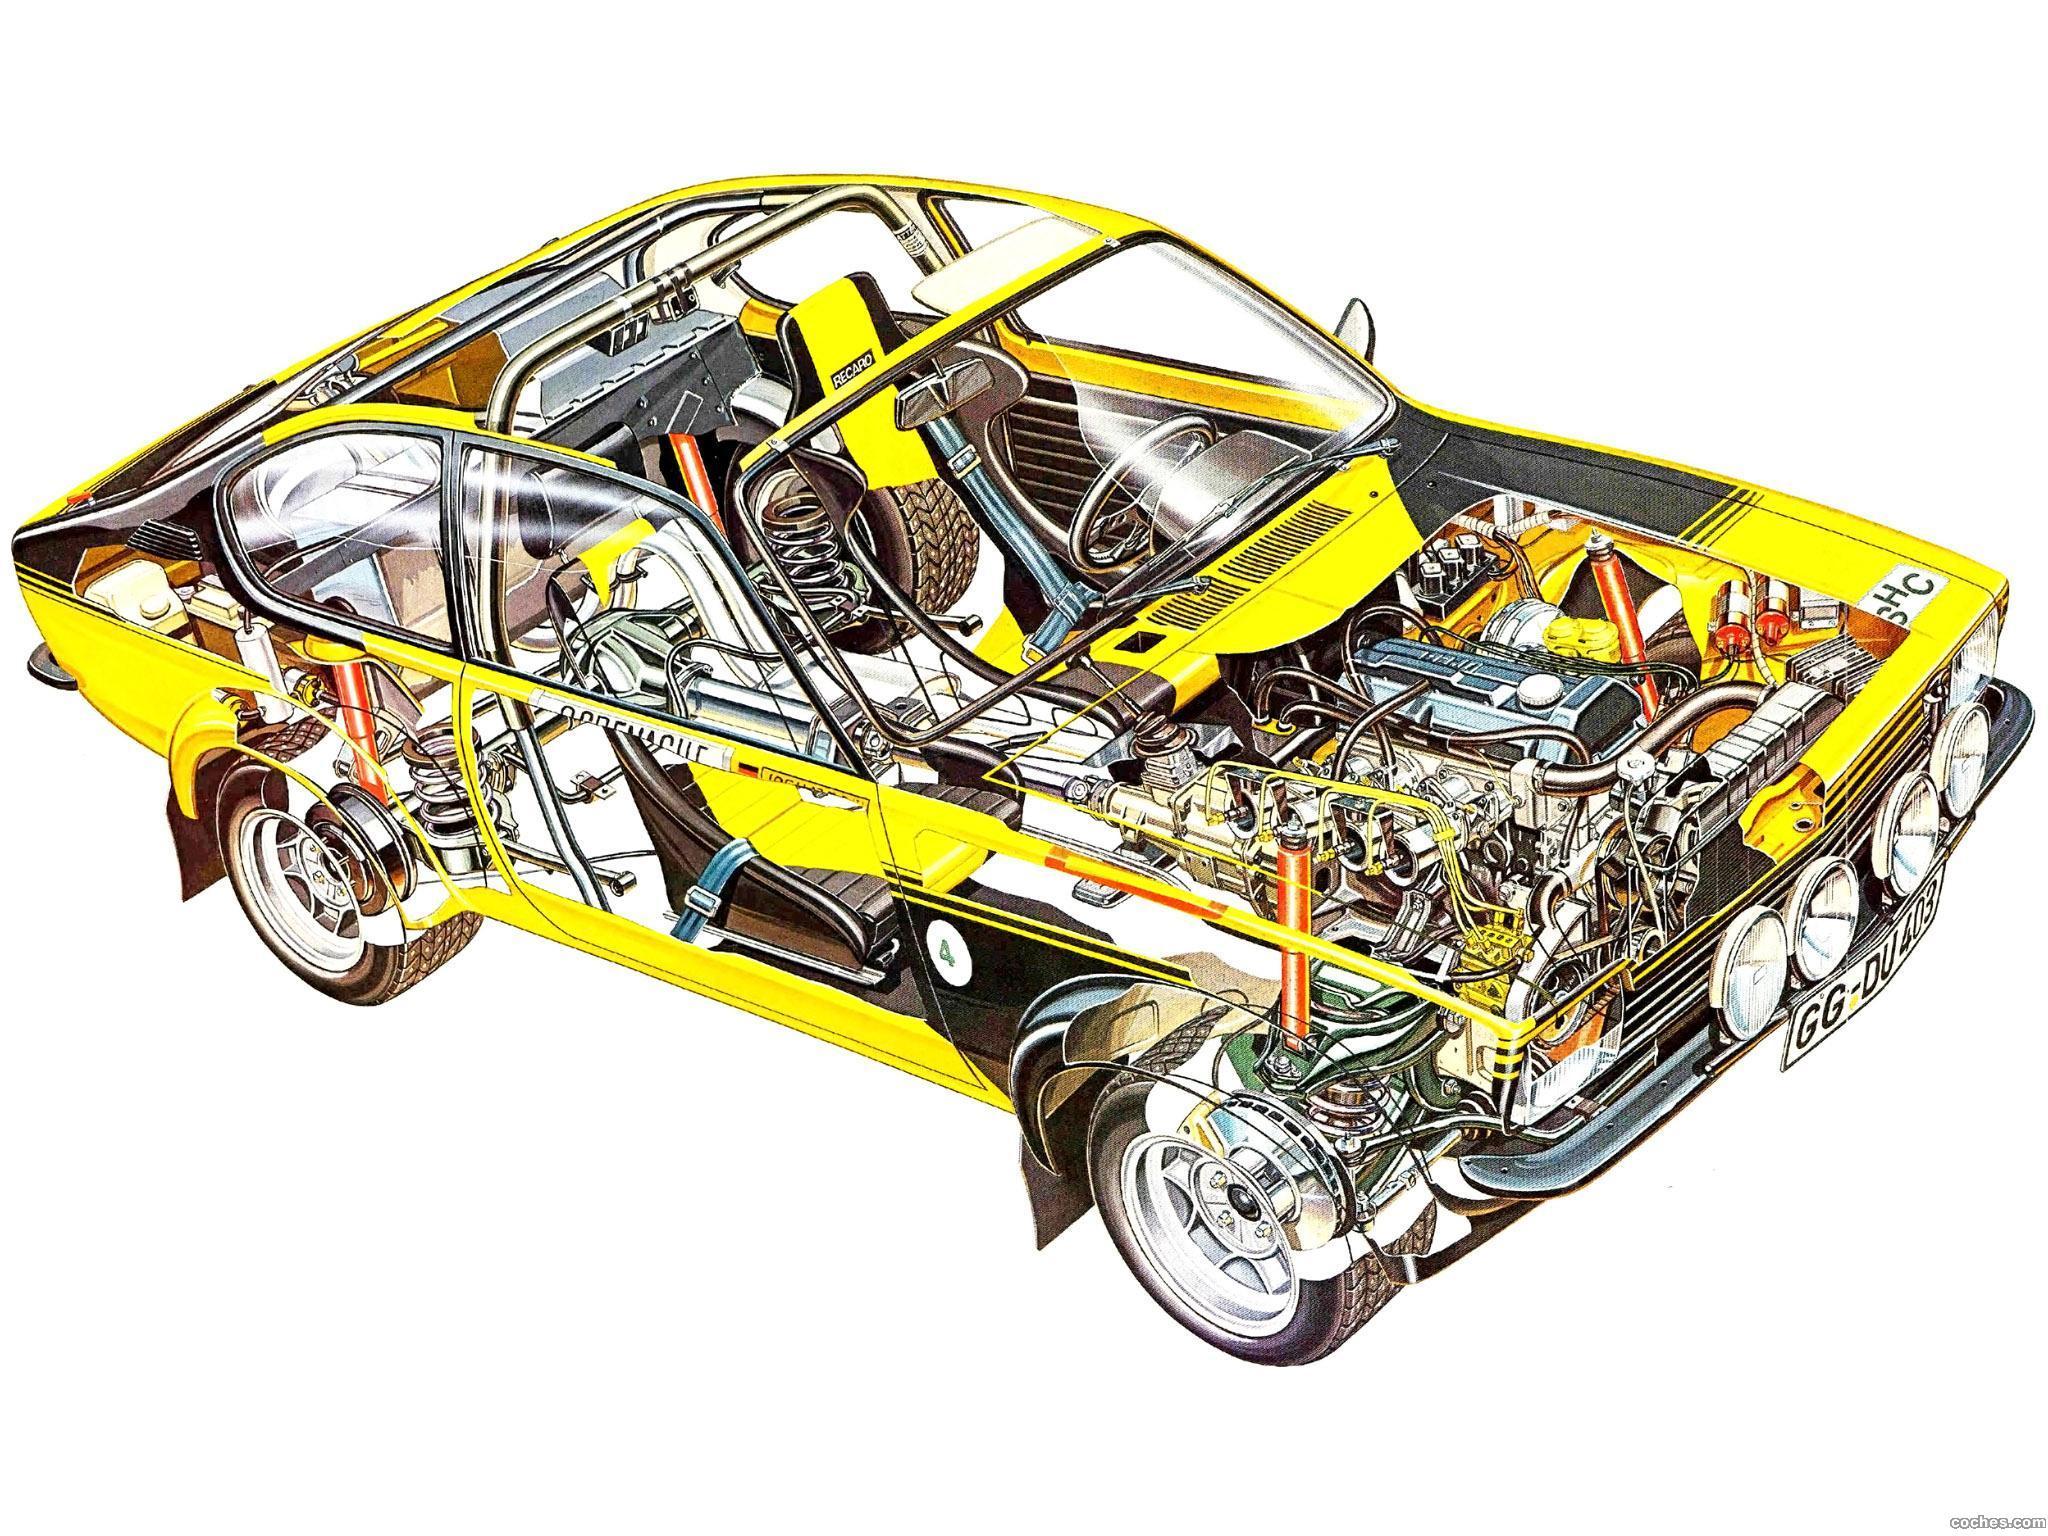 opel_kadett-gt-e-rallye-car-c-1976-77_r1.jpg